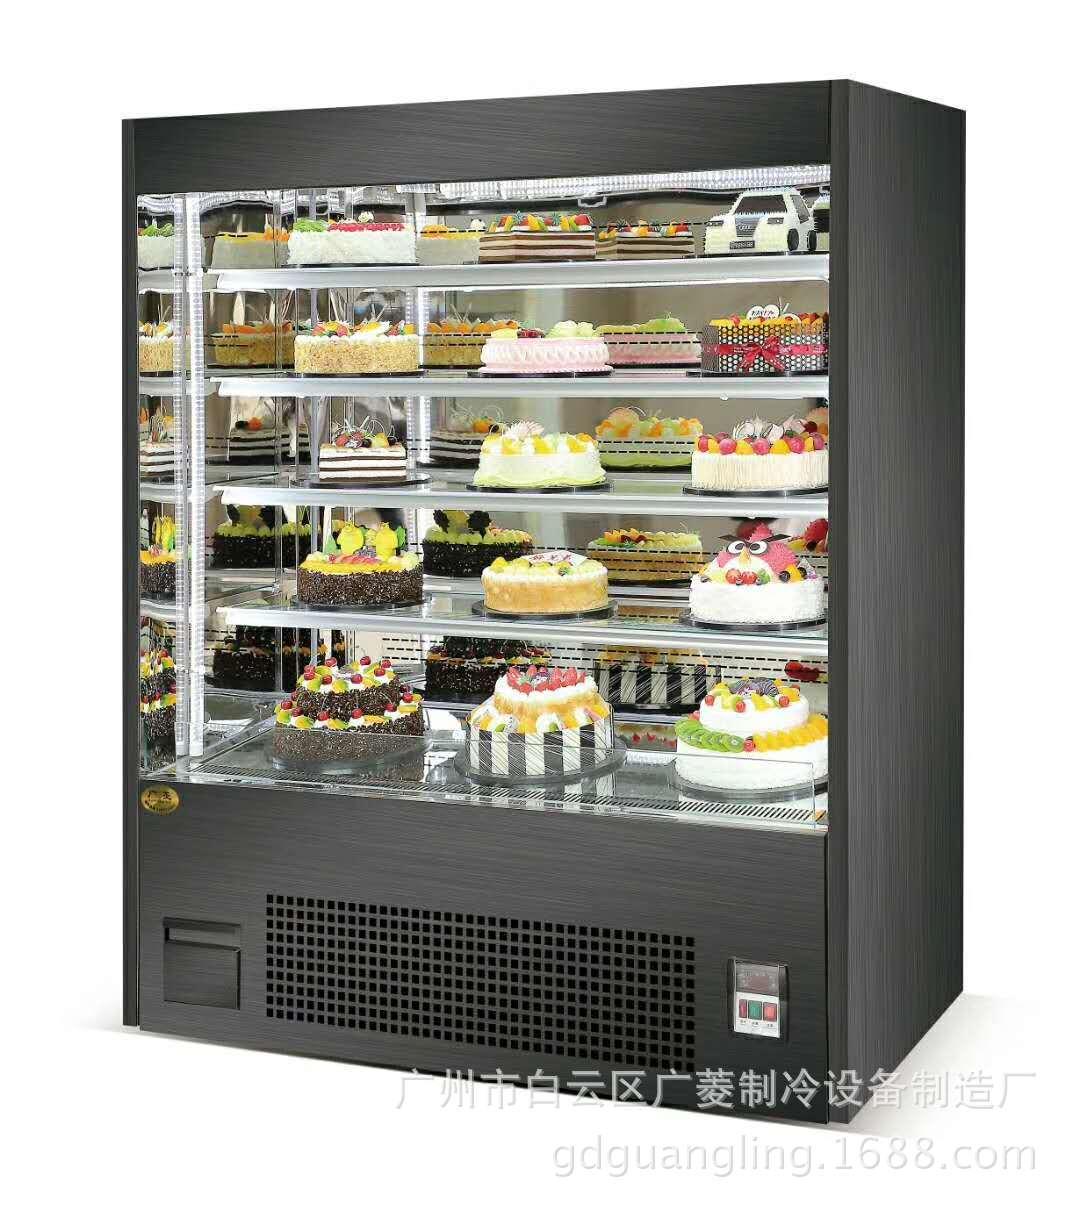 广菱商用制冷设备  蛋糕展示柜  食品柜   立式非标三明治柜